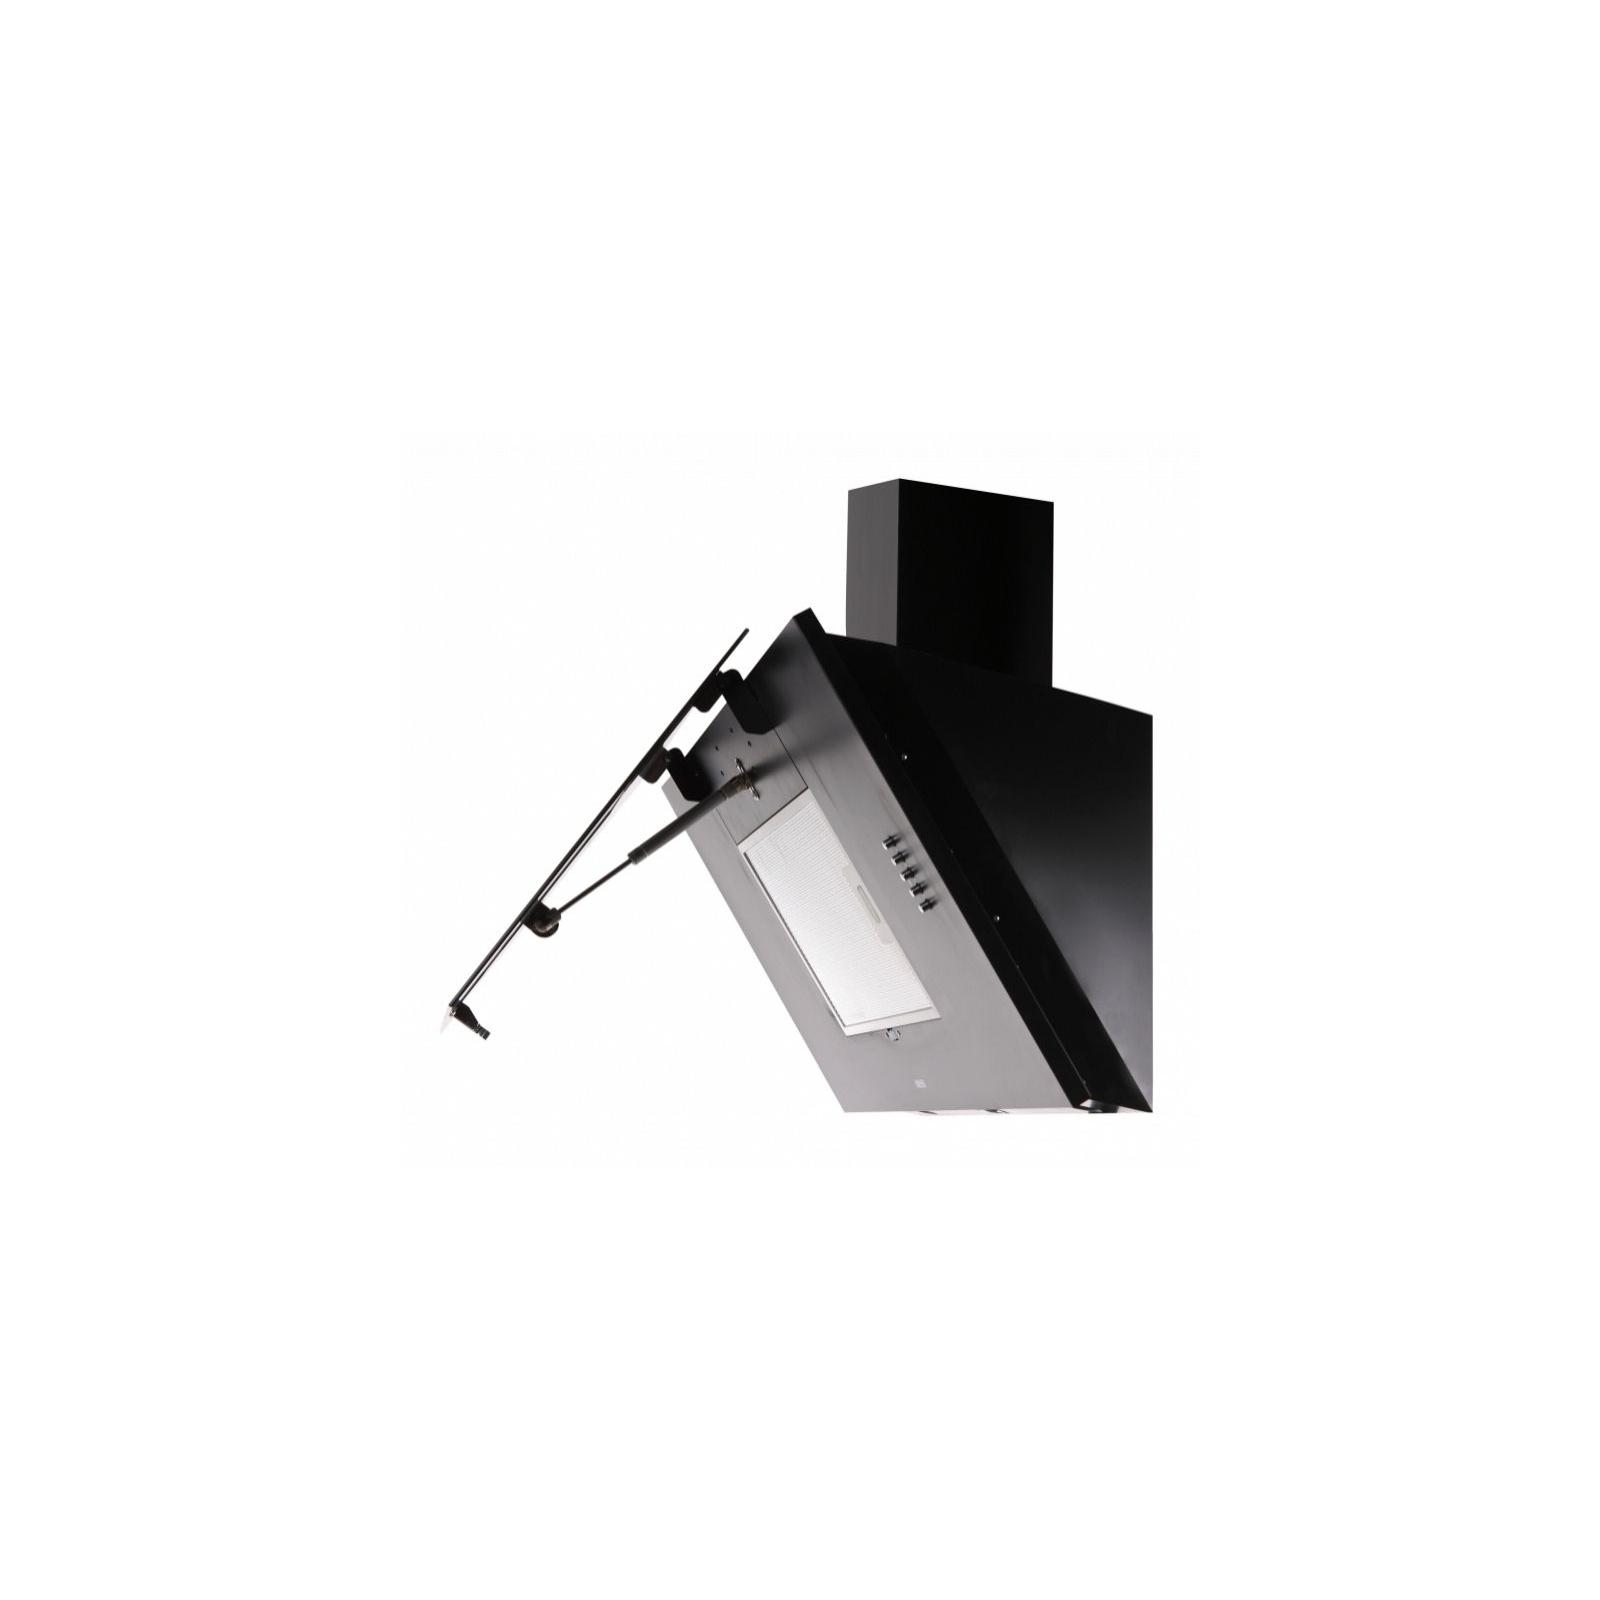 Вытяжка кухонная ELEYUS Titan А 1000 90 BL изображение 4